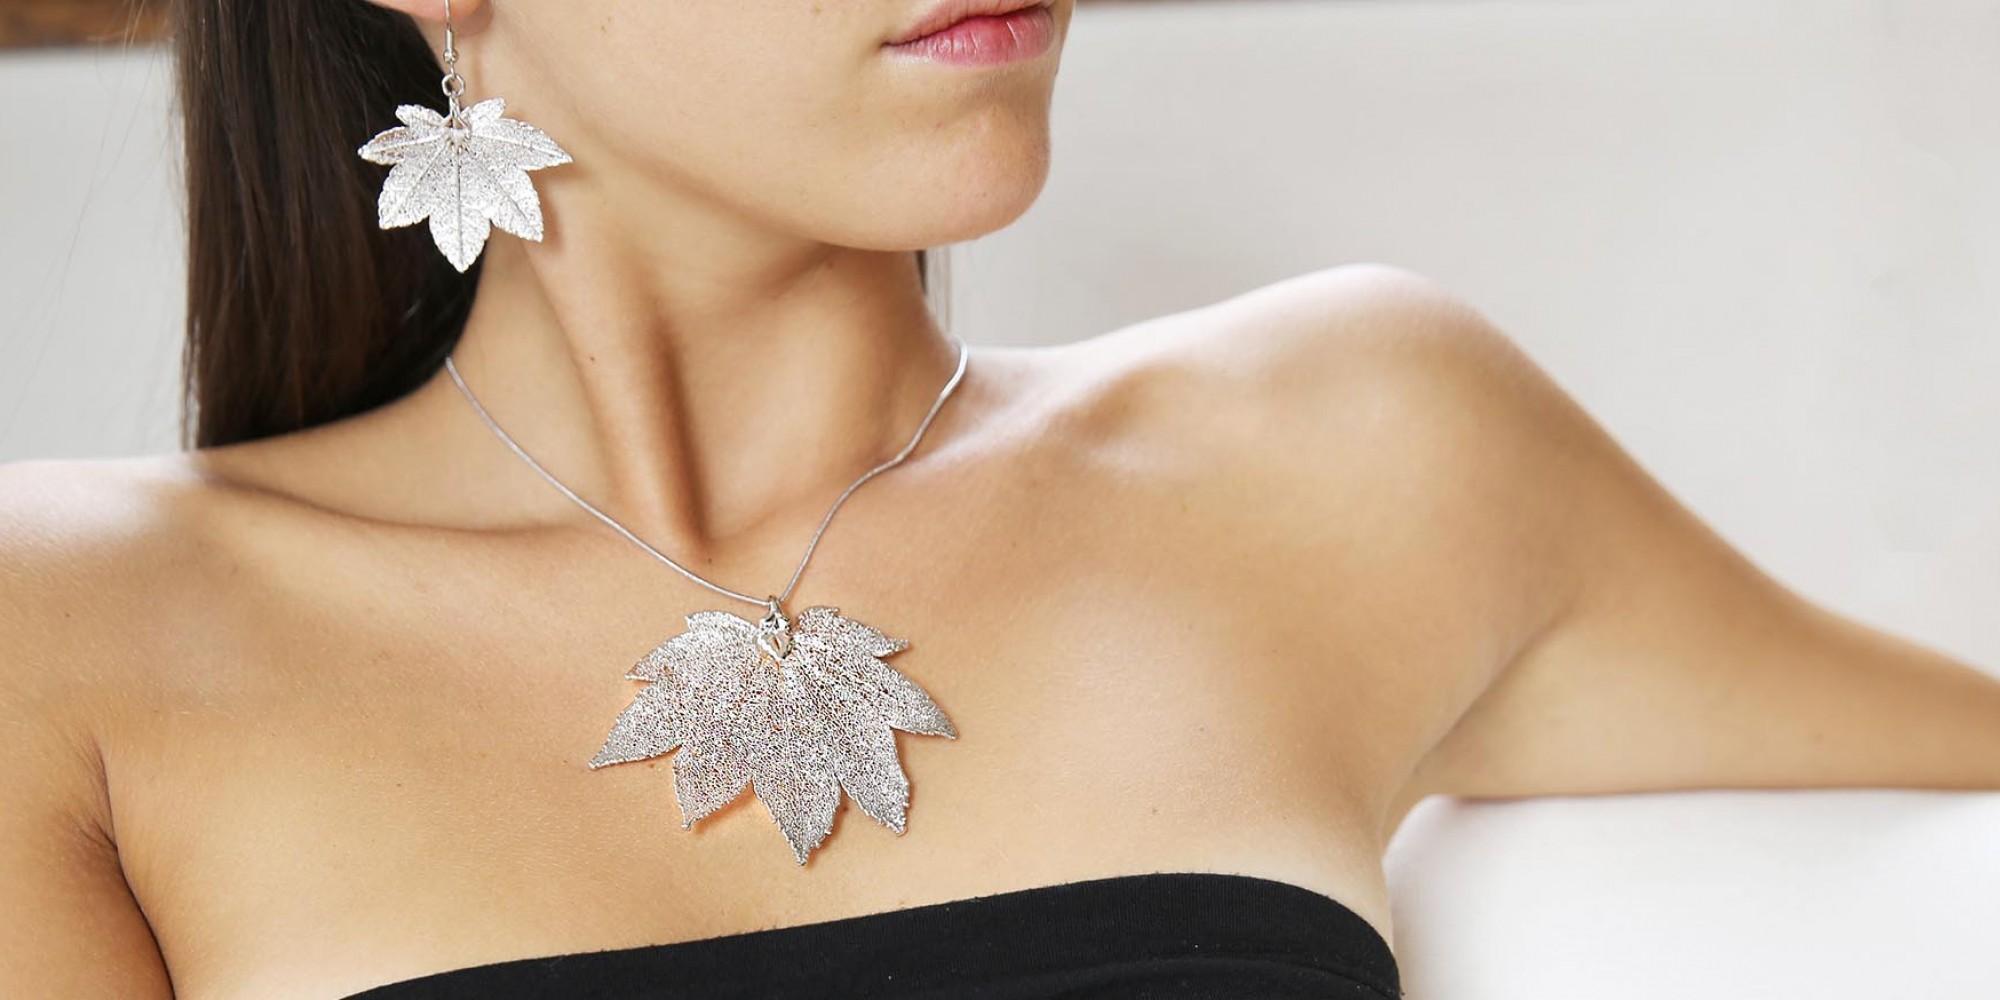 Parure indossata da modella con orecchini e ciondolo di vere foglie di acero full moon placcate argento